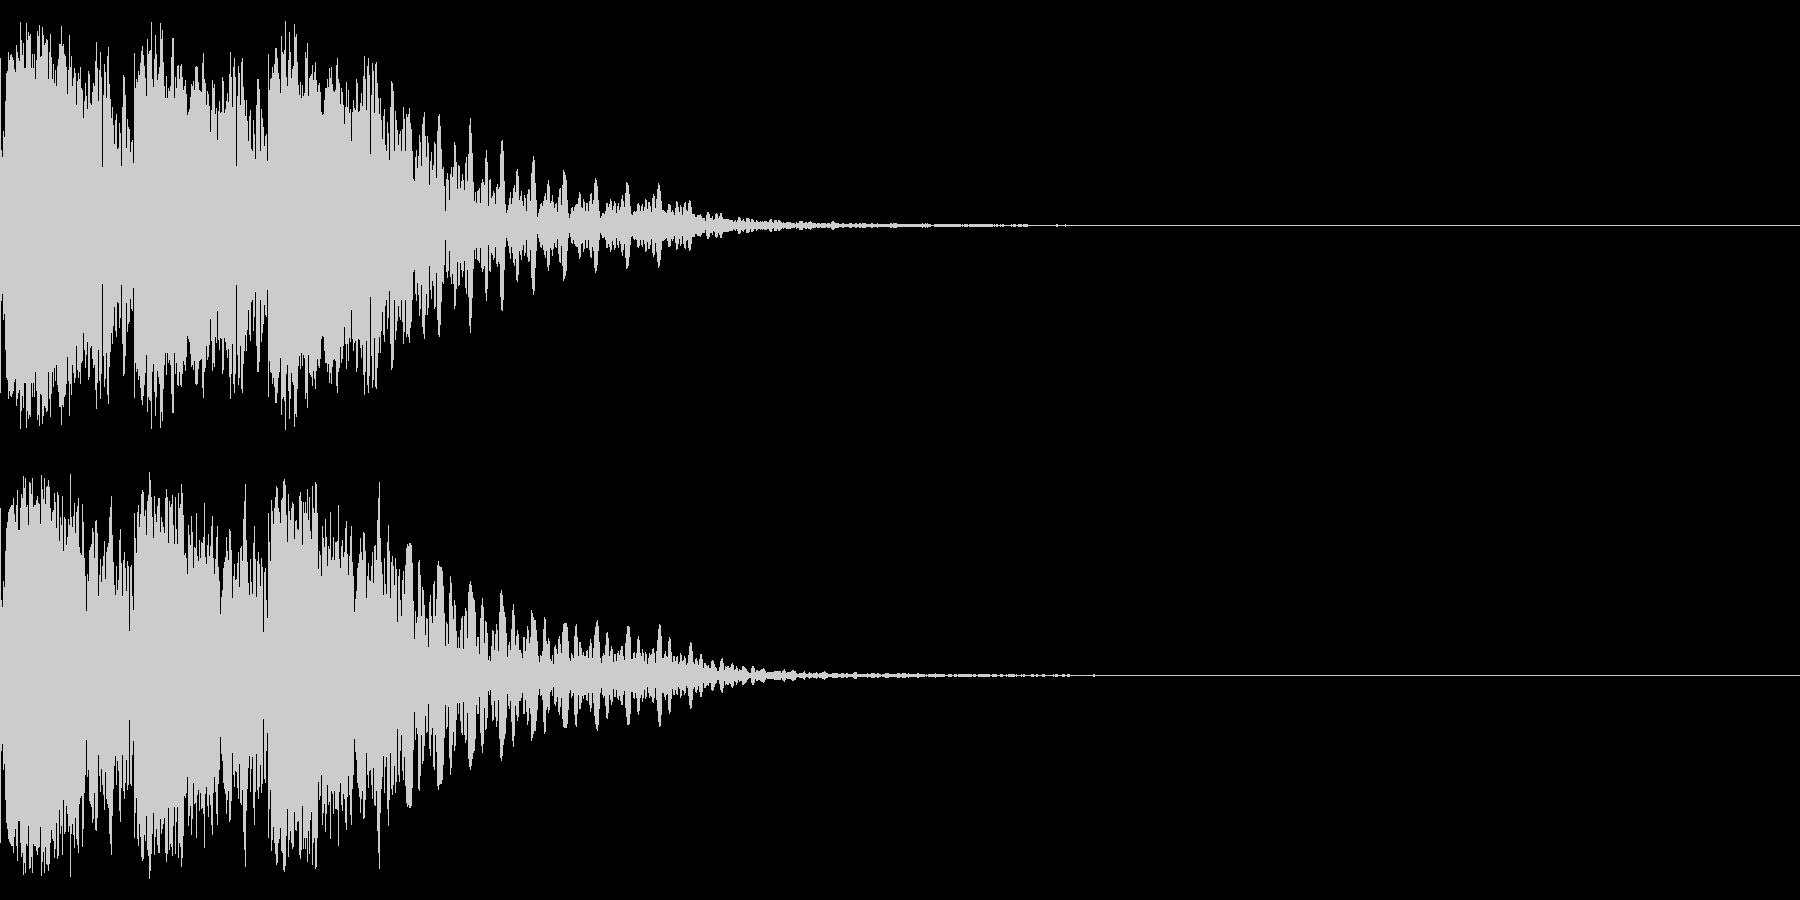 キュインキュインキュイーン!パチンコの音の未再生の波形